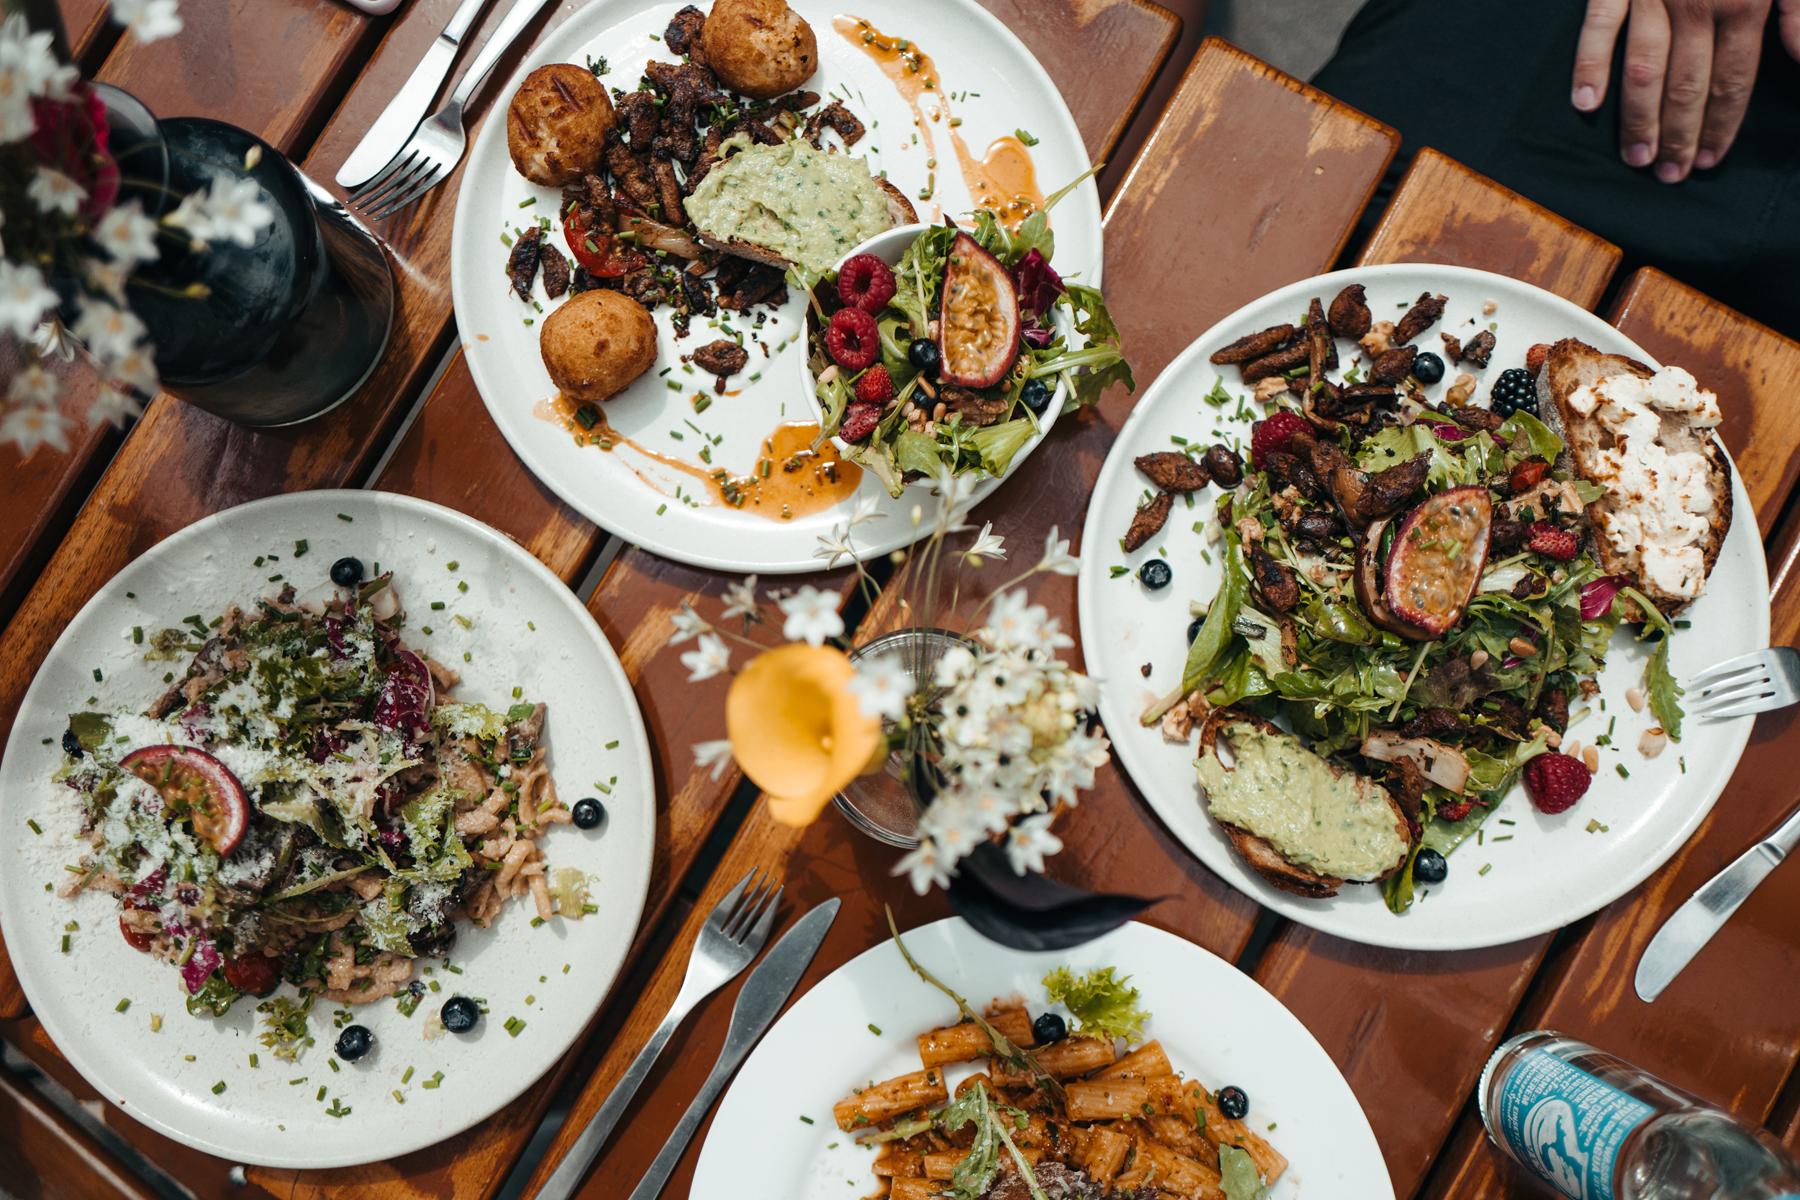 Geheimtipp hamburg lily of the valley ottensen restaurant dahlina sophie kock23